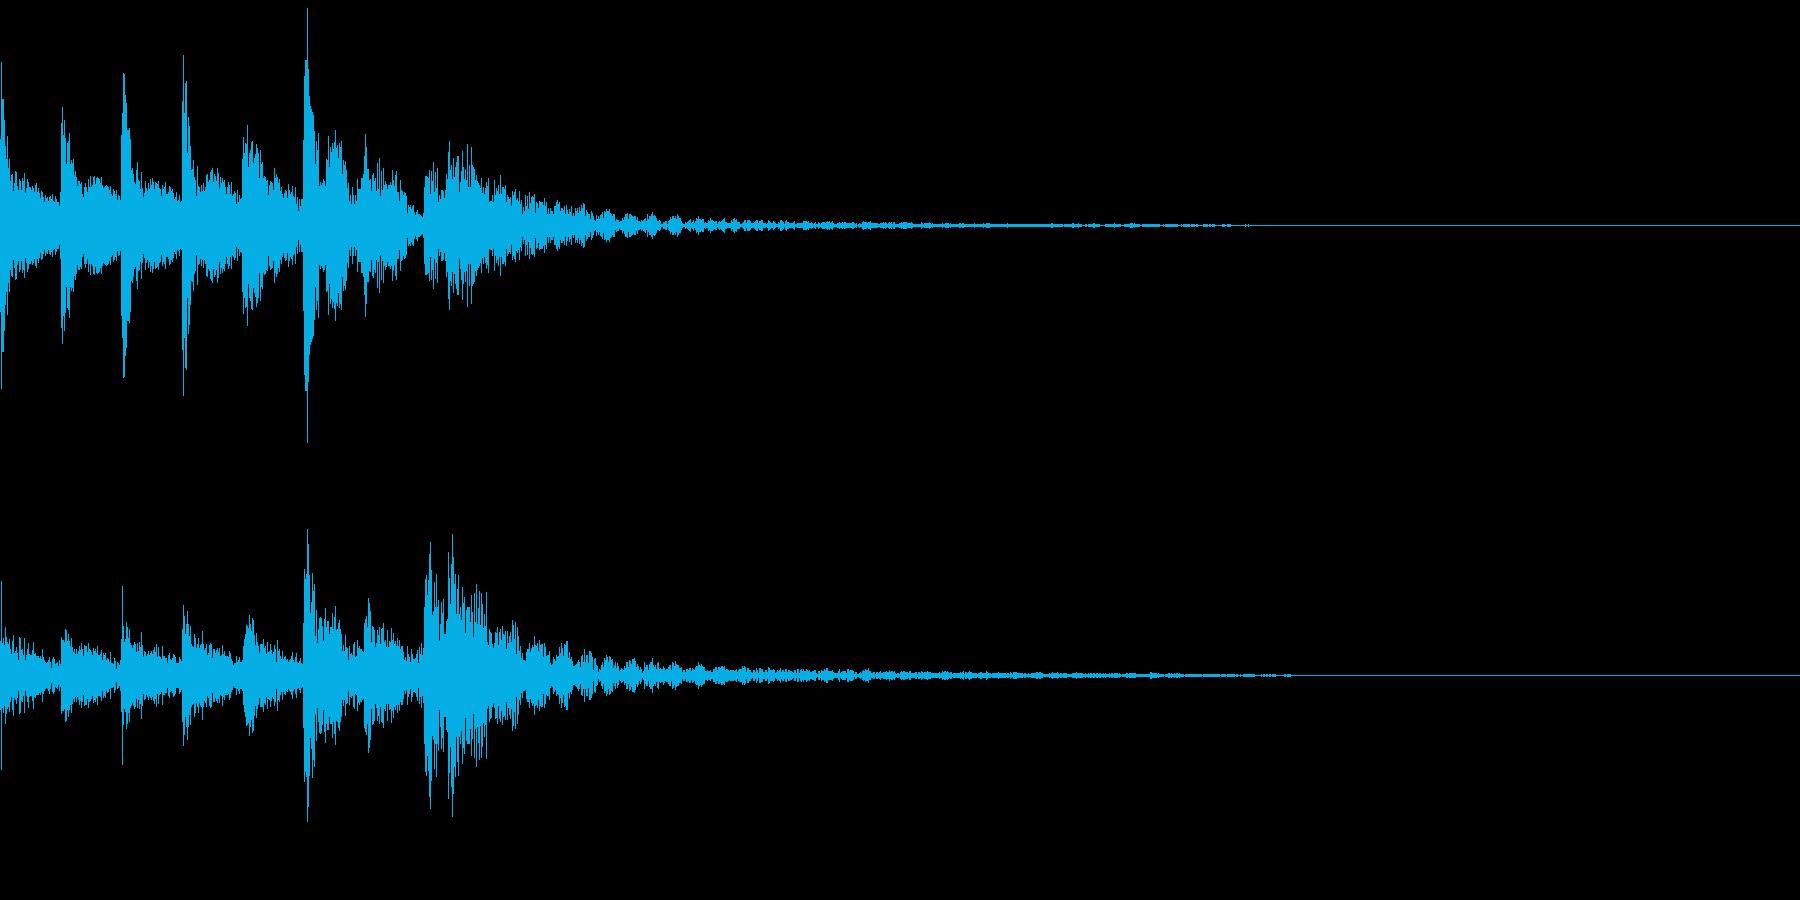 タム回し/ミッド/ドラムフィル/3の再生済みの波形